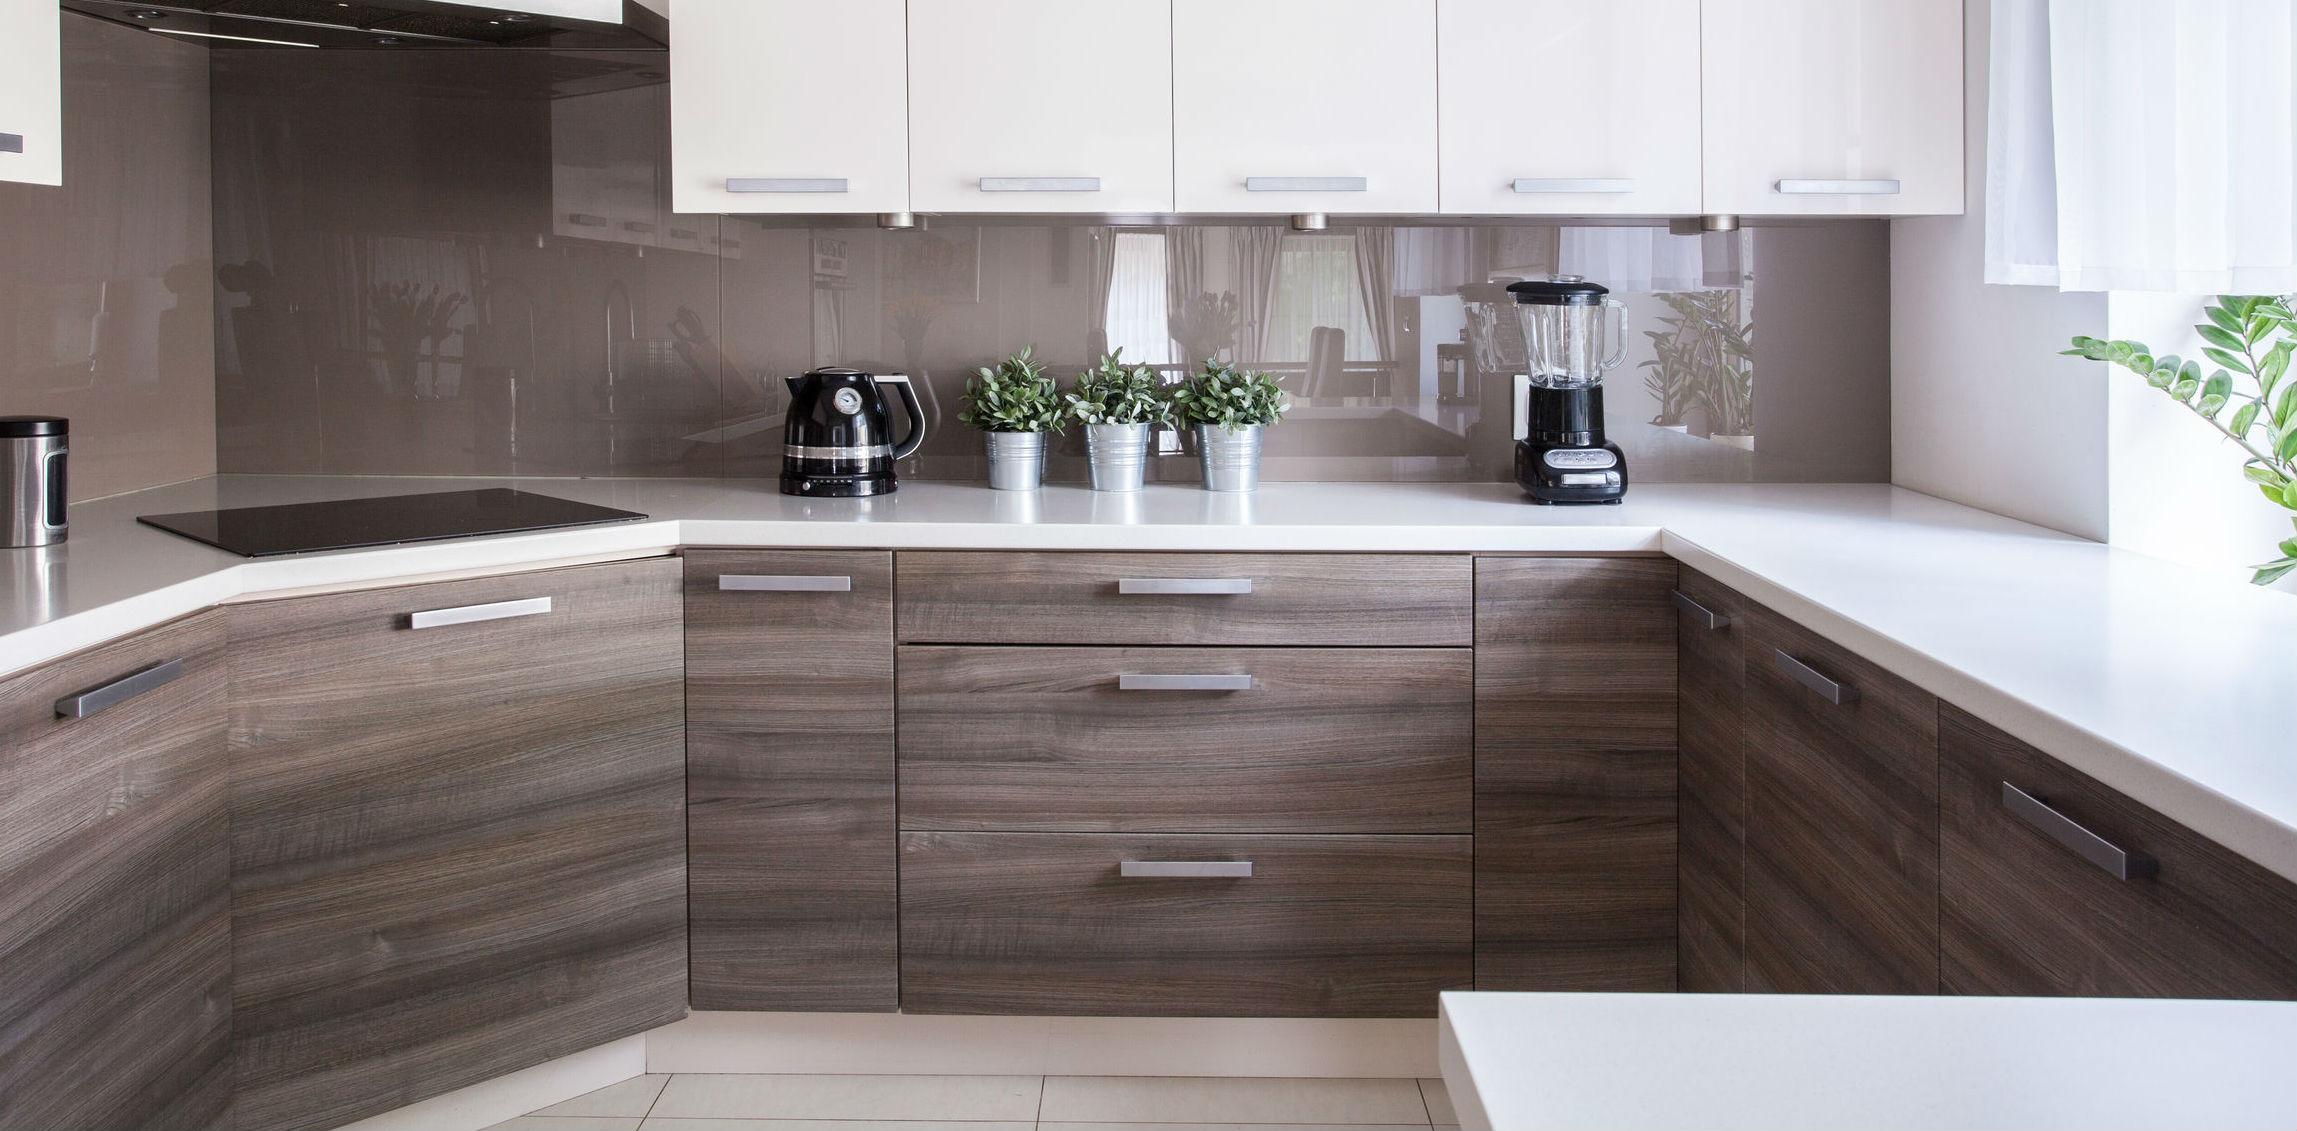 100% nöjda kunder - Köksrenovering i Borås